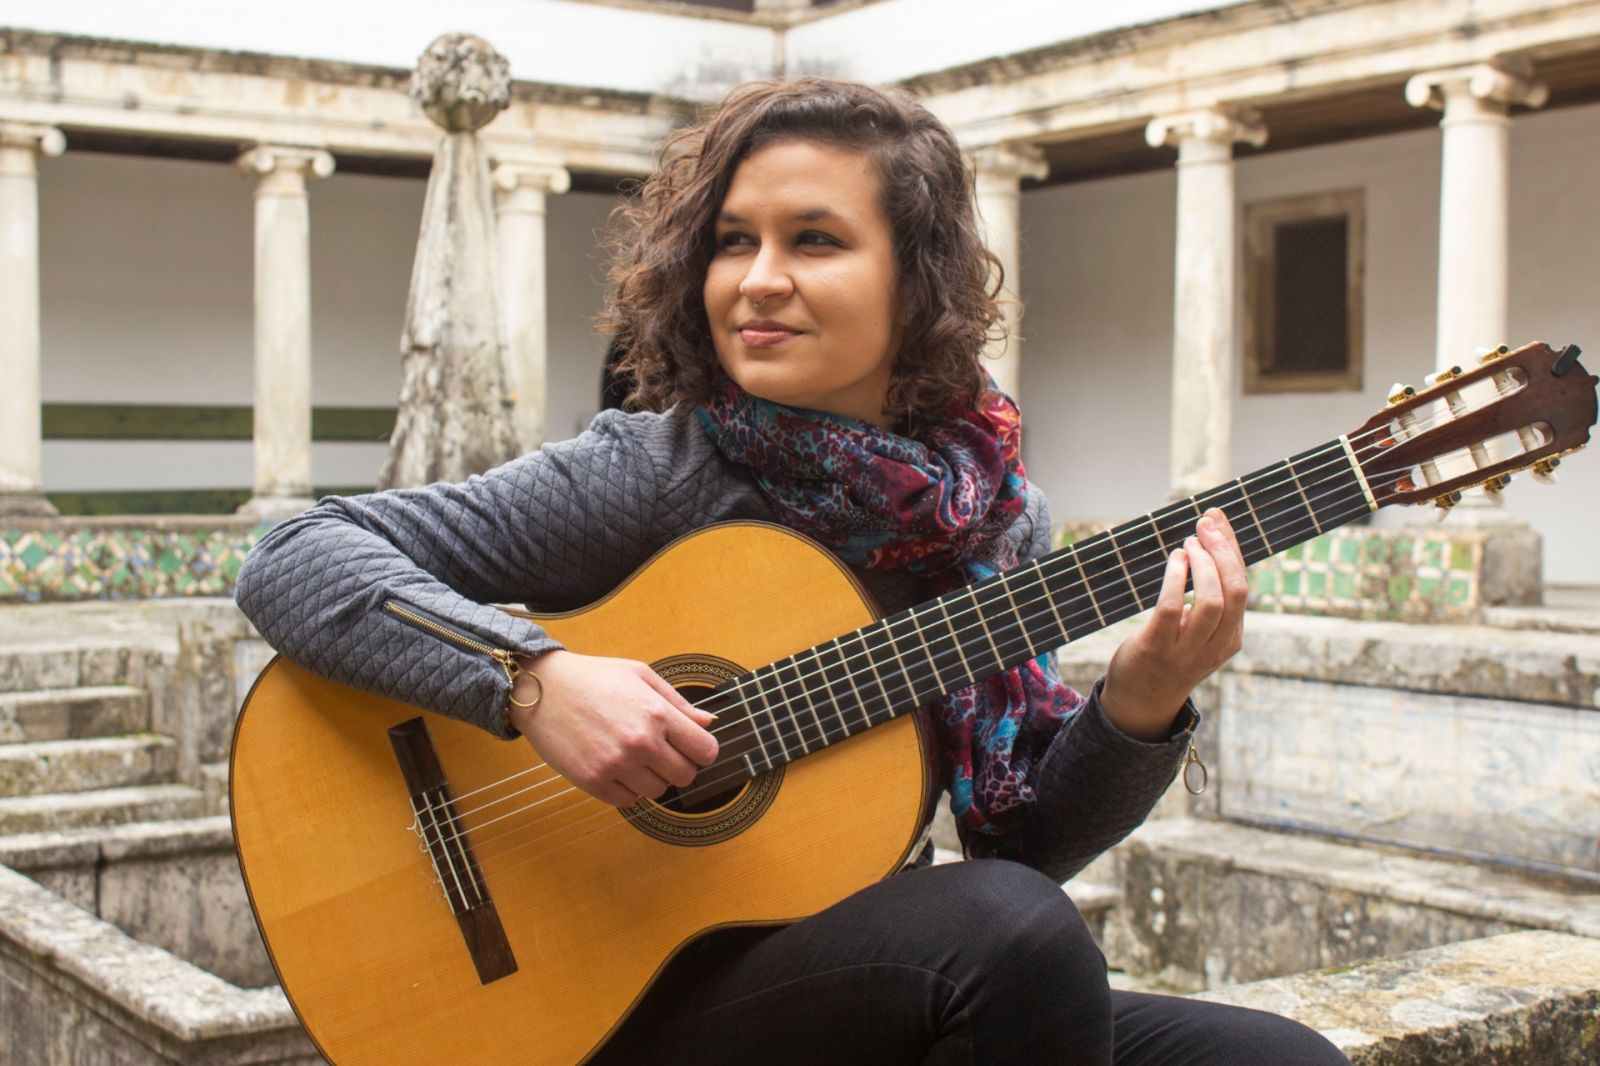 Mostra reúne 67 mulheres violonistas neste fim de semana - foto: Amanda Carpenedo